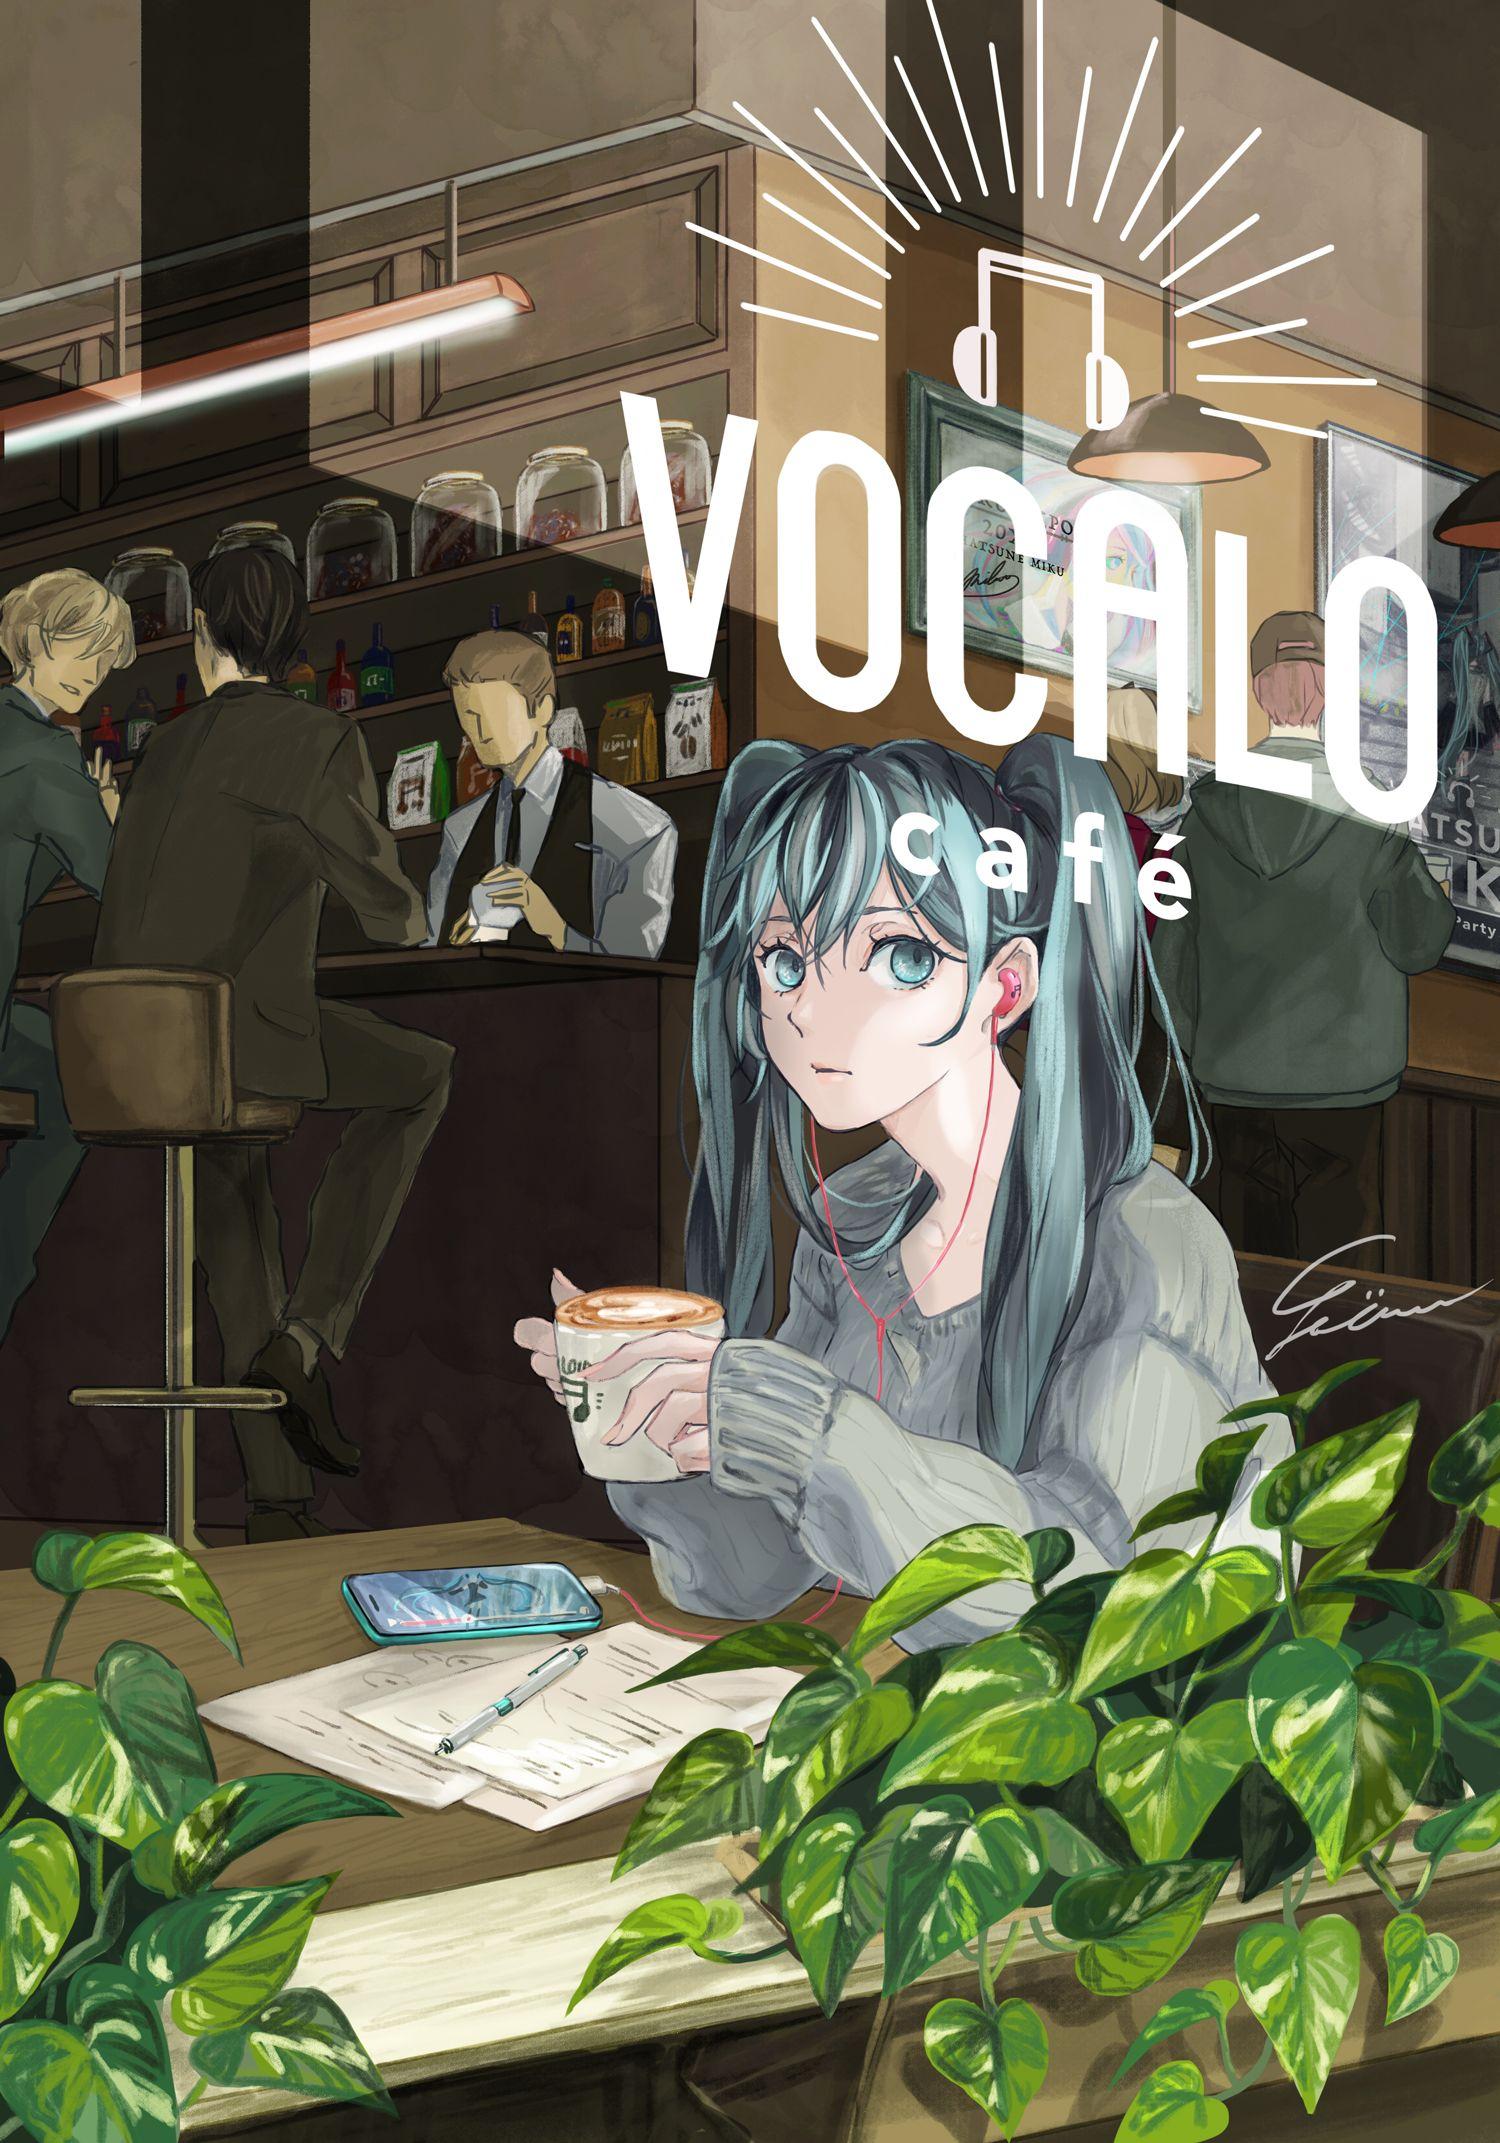 ひといき yum さん カフェでおしゃれに創作してたりとかね イラスト 芸術的アニメ少女 アニメの風景